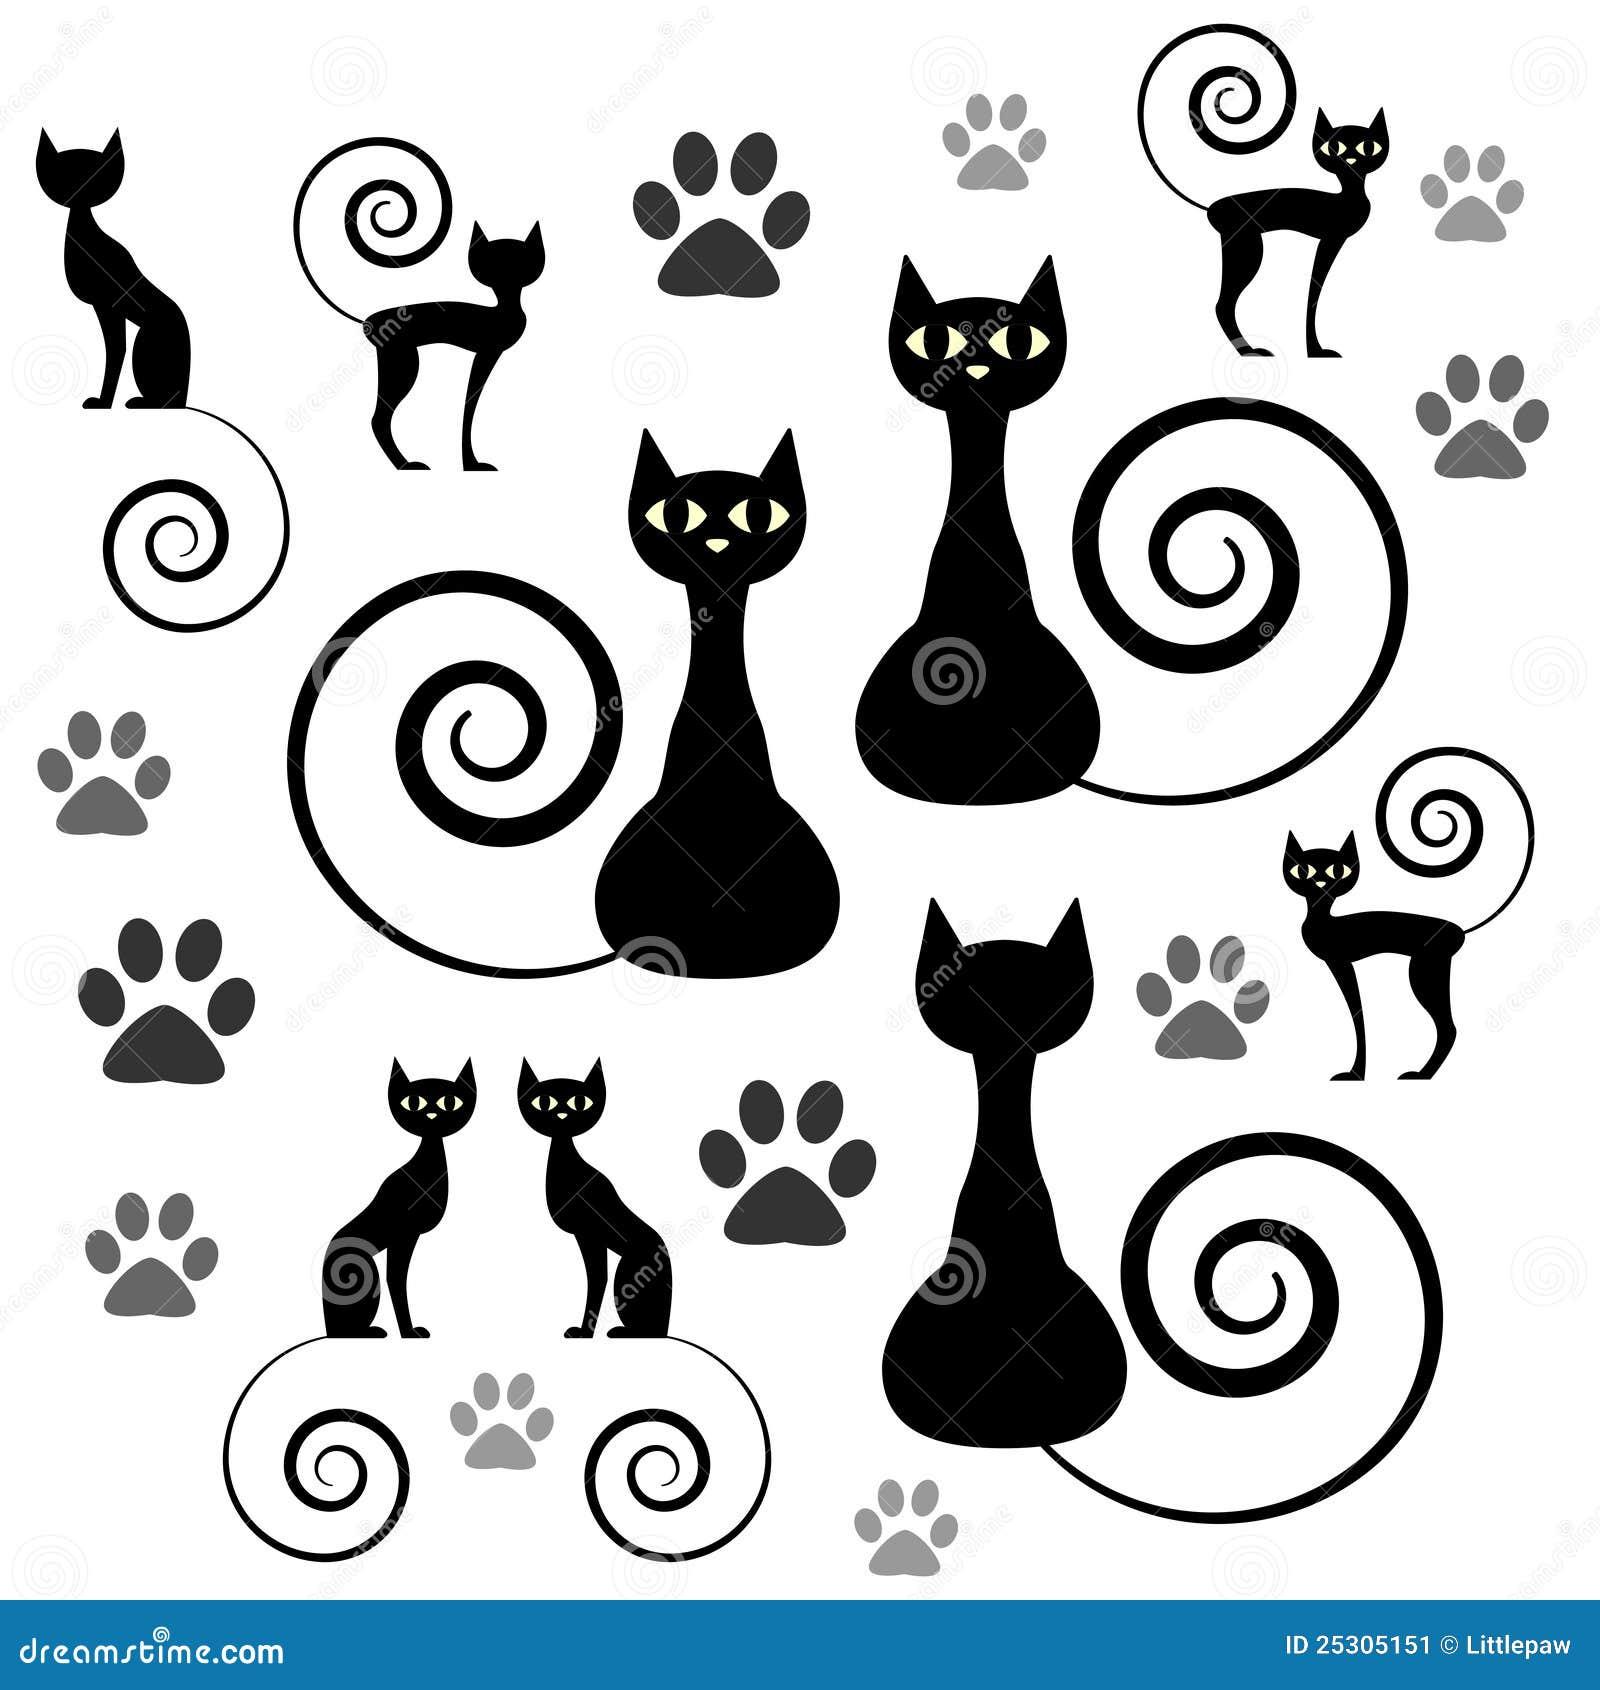 amor de silueta gato - photo #21